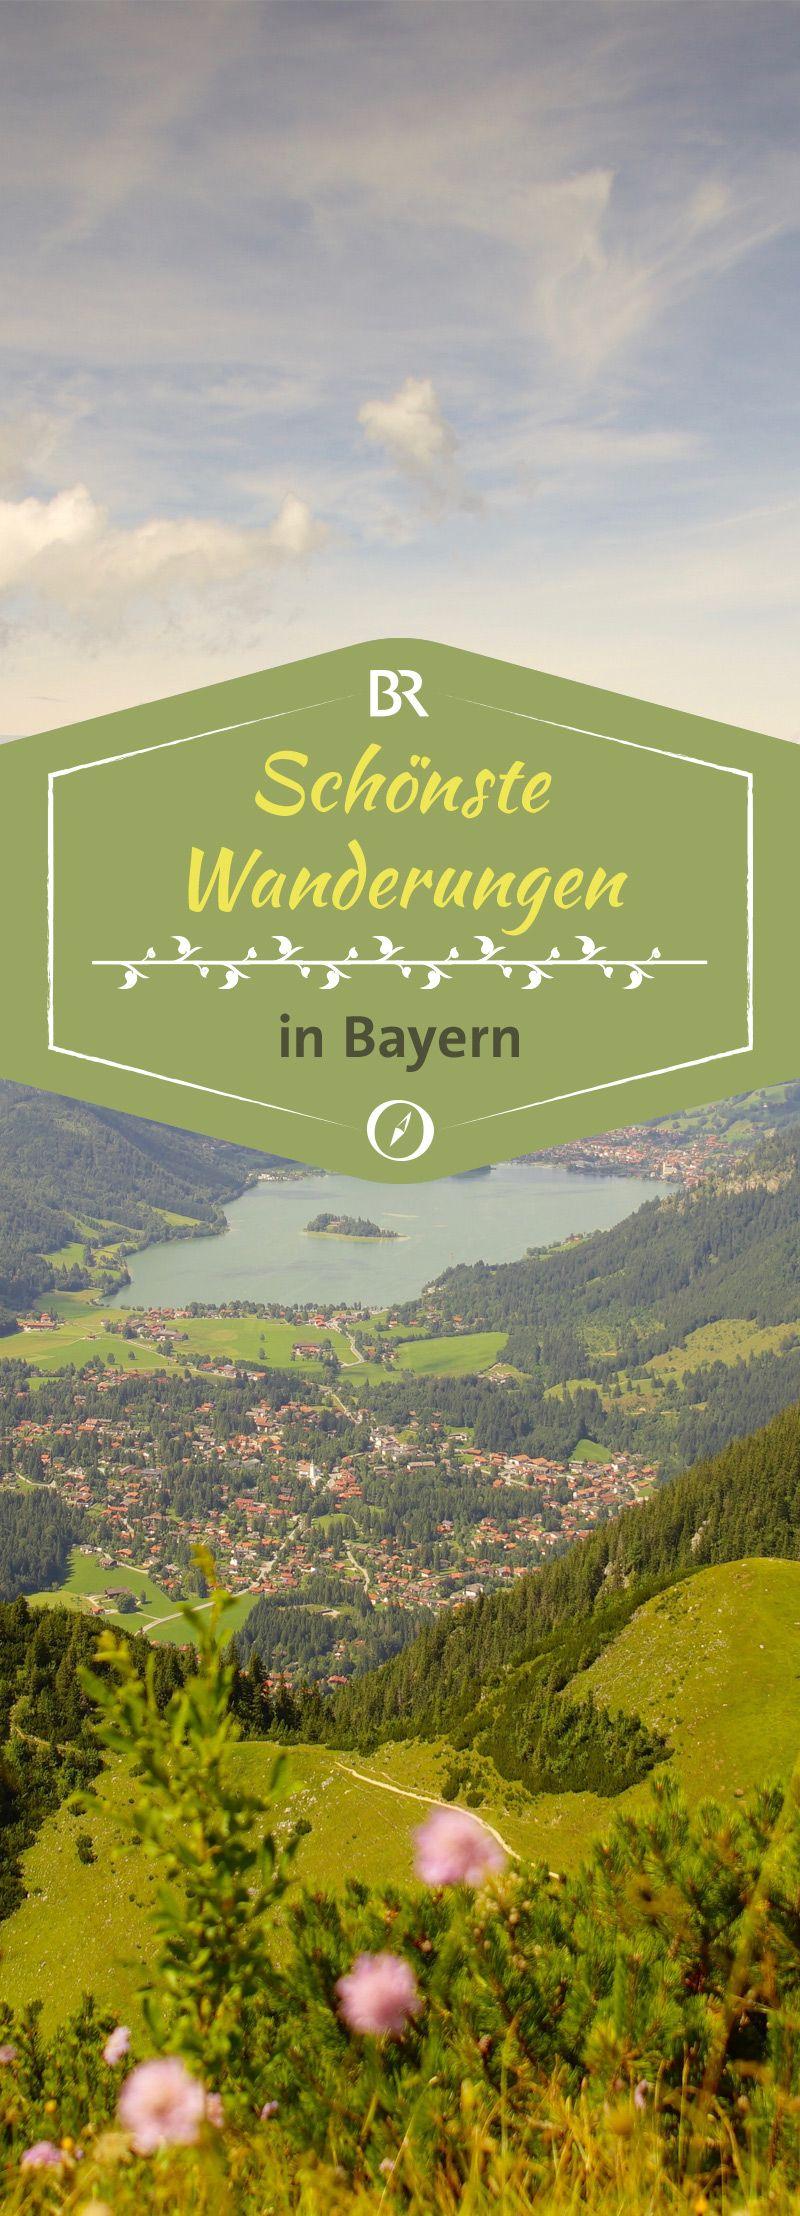 Bayern genießen: Lust auf Wandern | BR.de